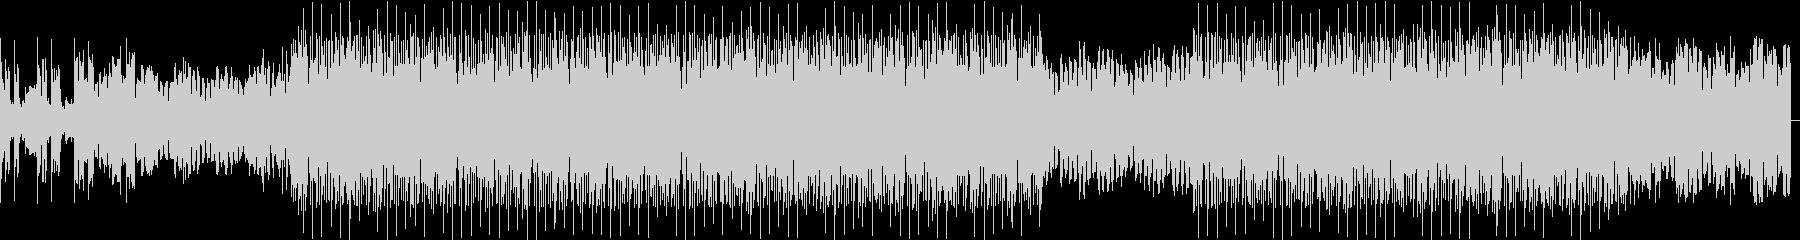 bpm100 ボコーダーEDMエレクトロの未再生の波形